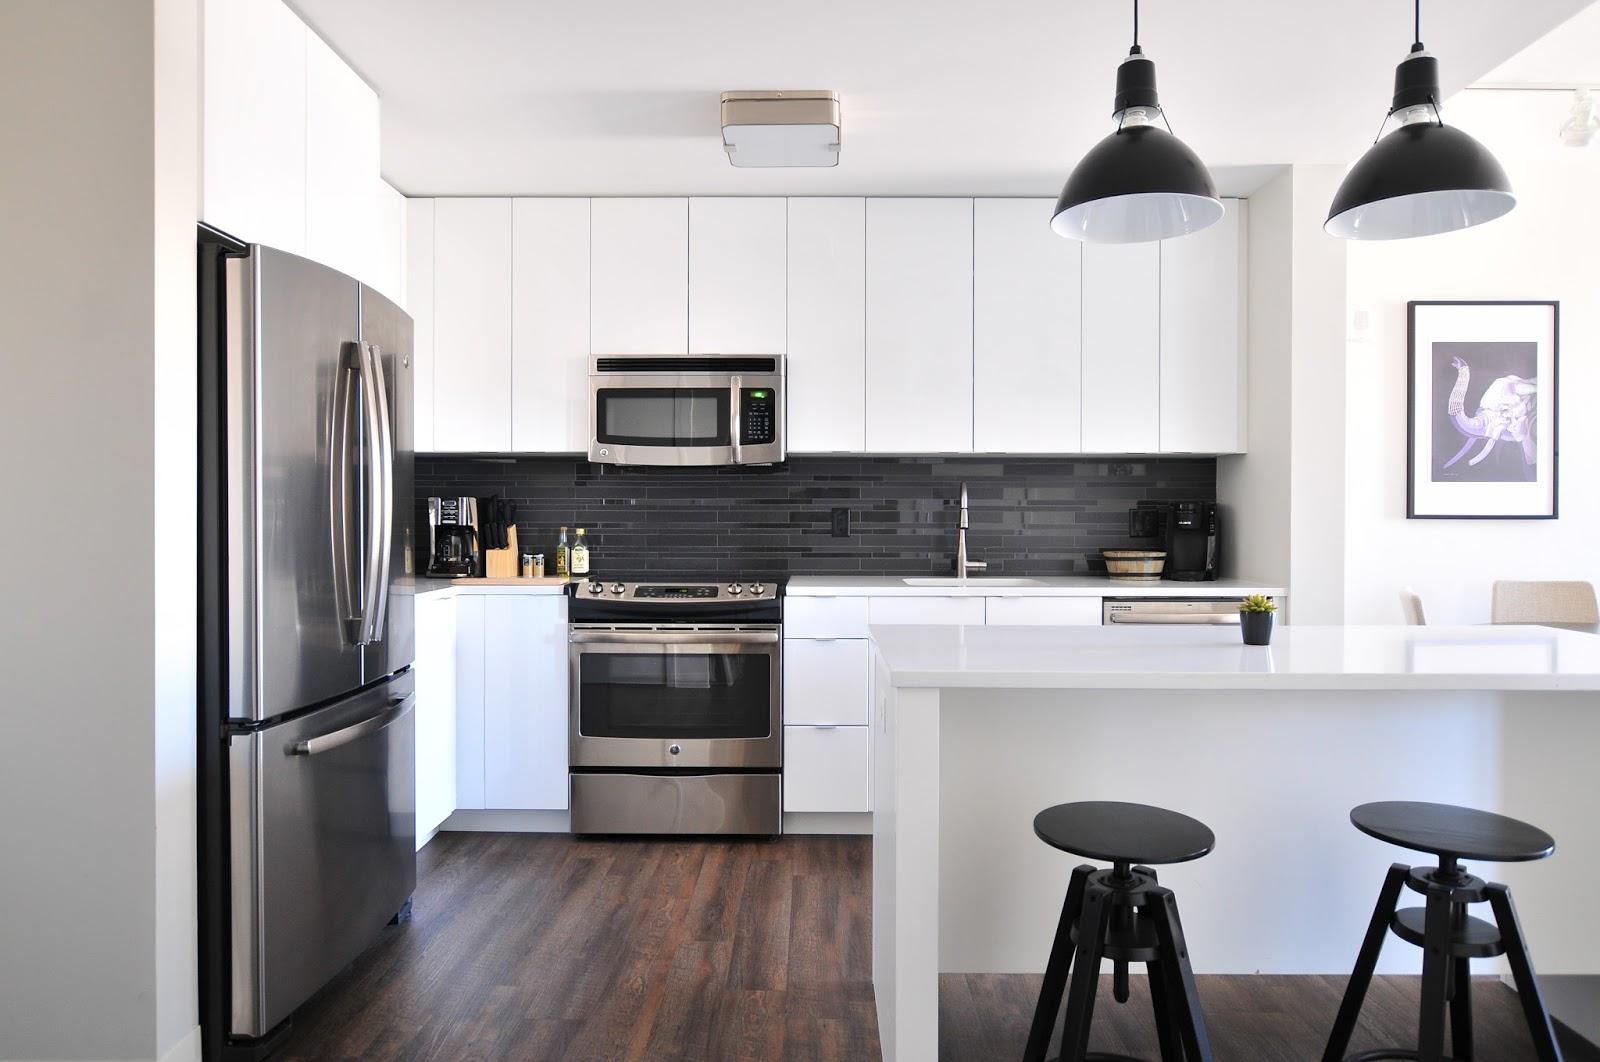 Episode 87: Kitchen Design with Andrea Sorensen and Matt Walquist ...